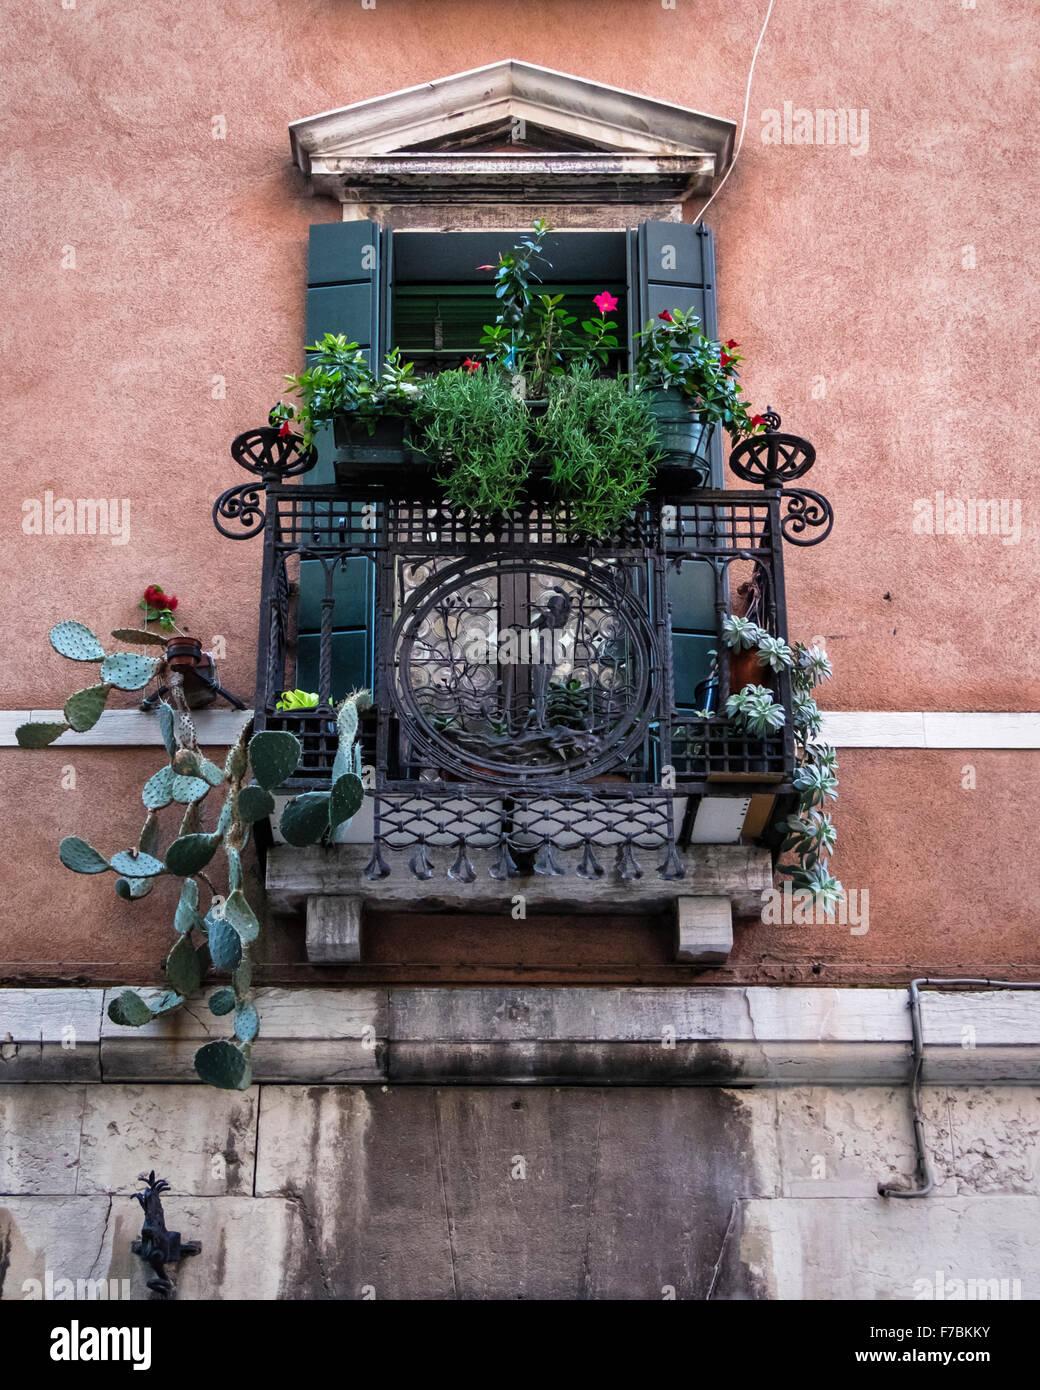 Details De Construction De La Decoration Du Balcon En Fer Forge